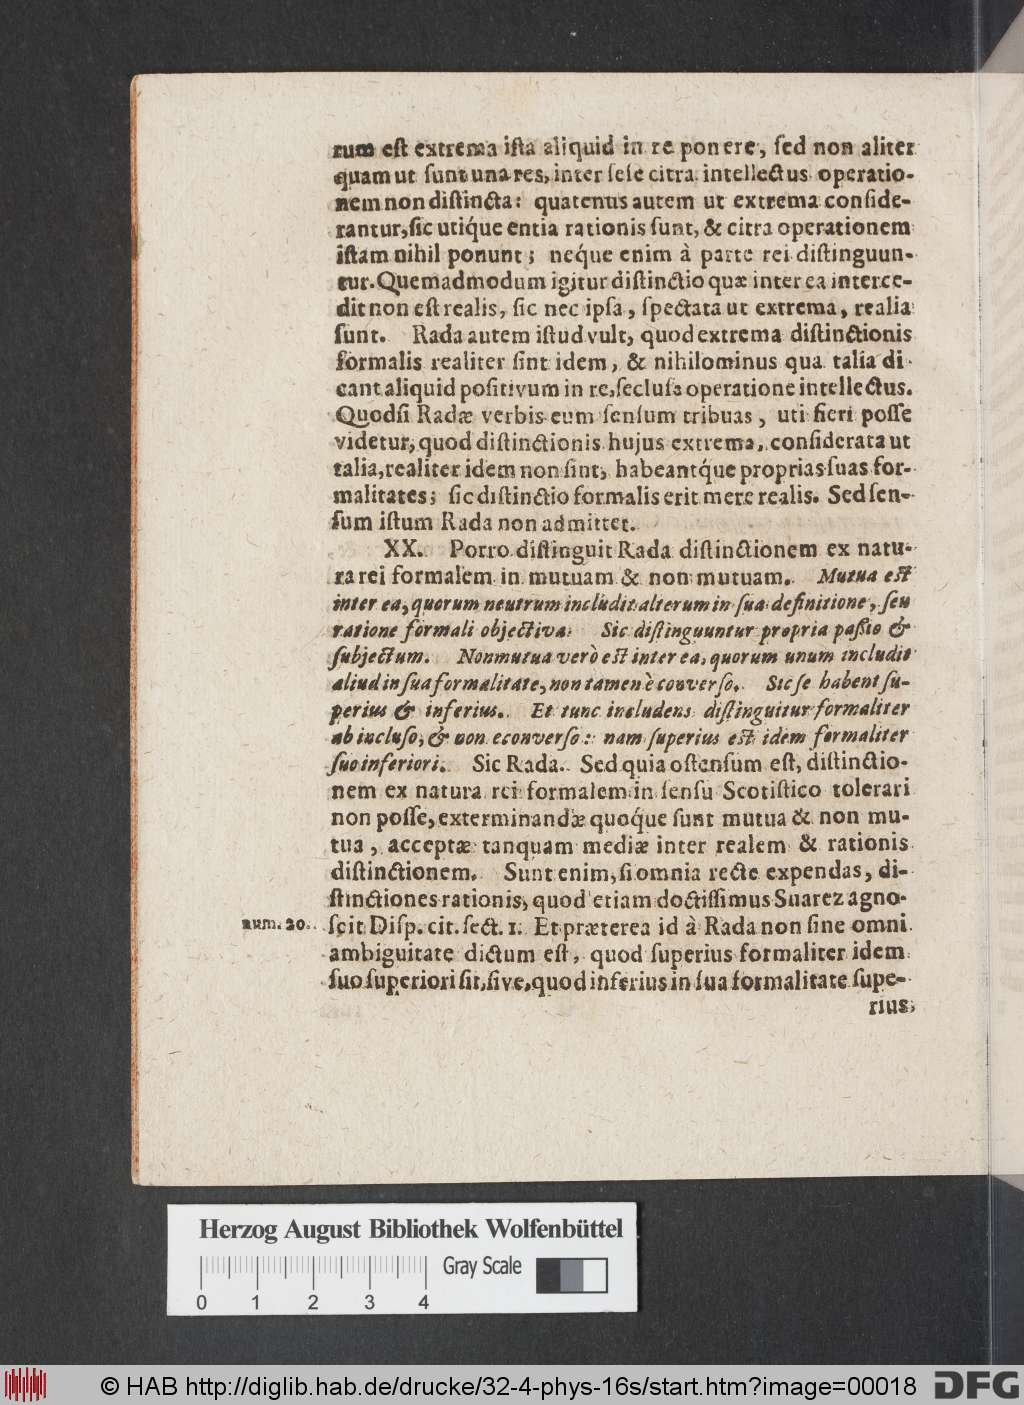 https://diglib.hab.de/drucke/32-4-phys-16s/00018.jpg